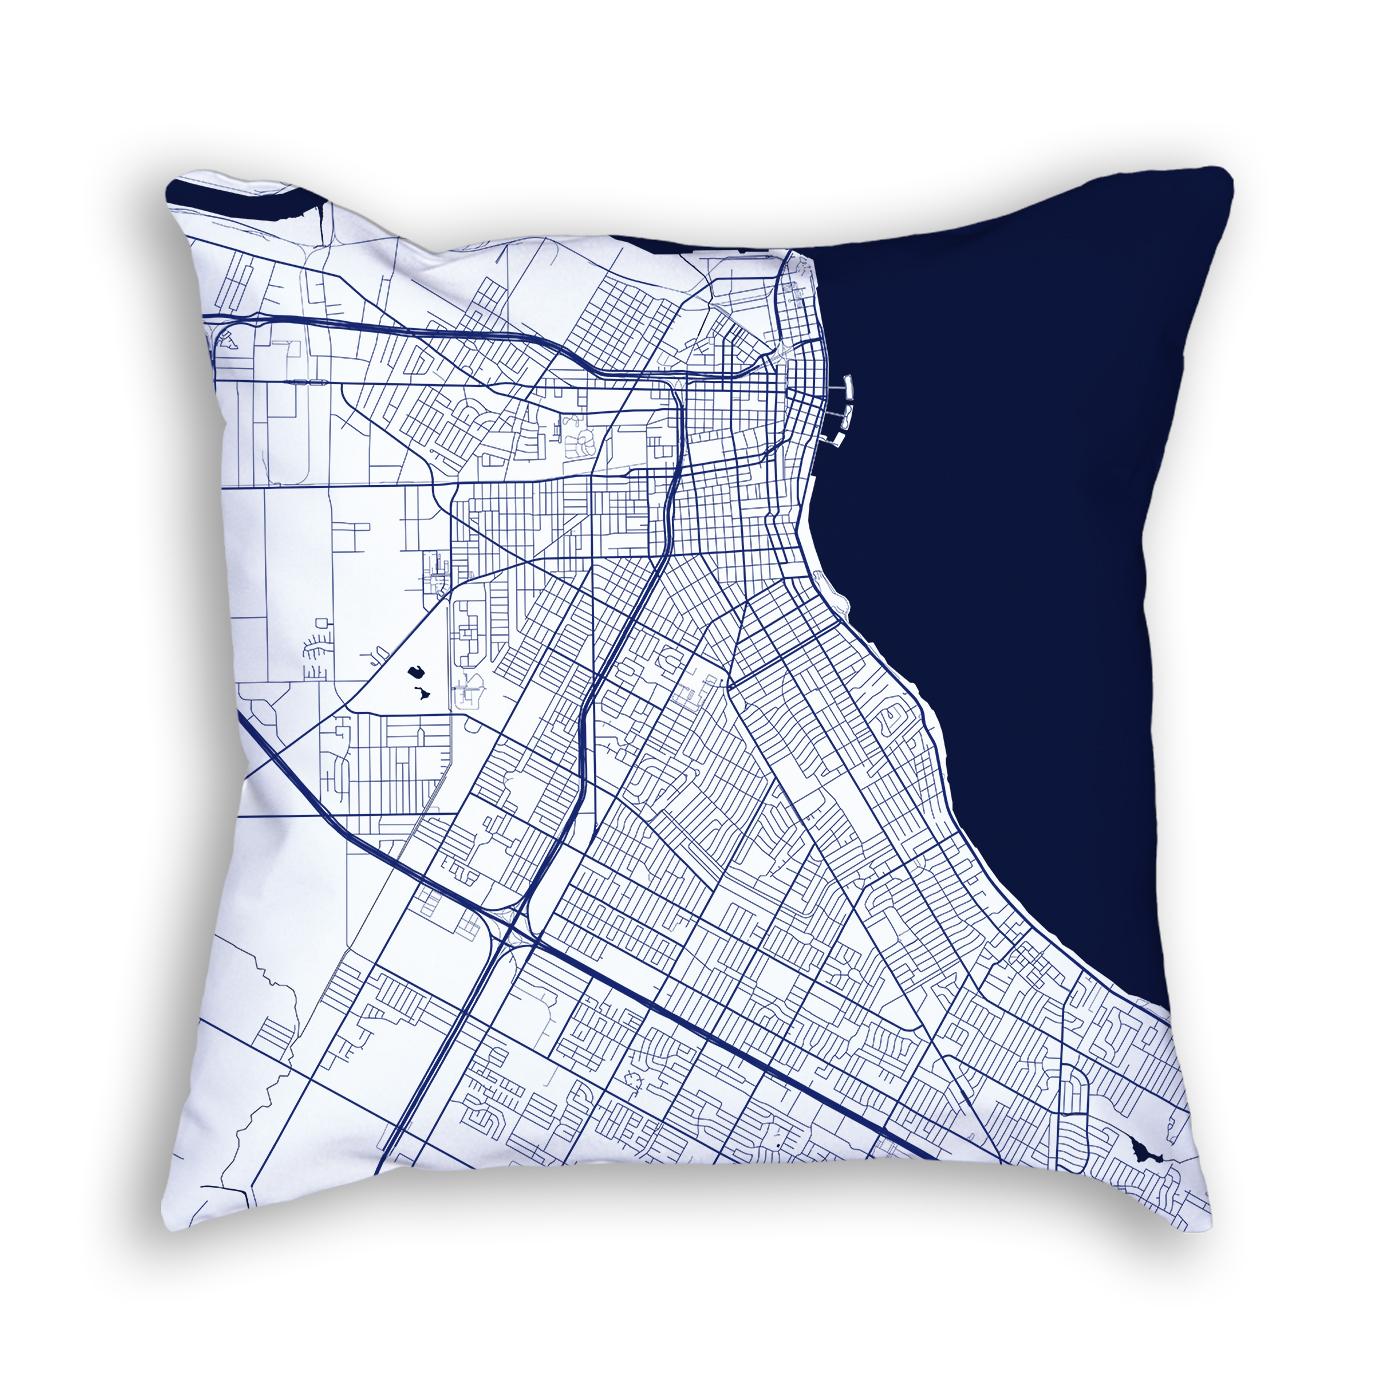 Corpus Christi Texas Throw Pillow – City Map Decor on